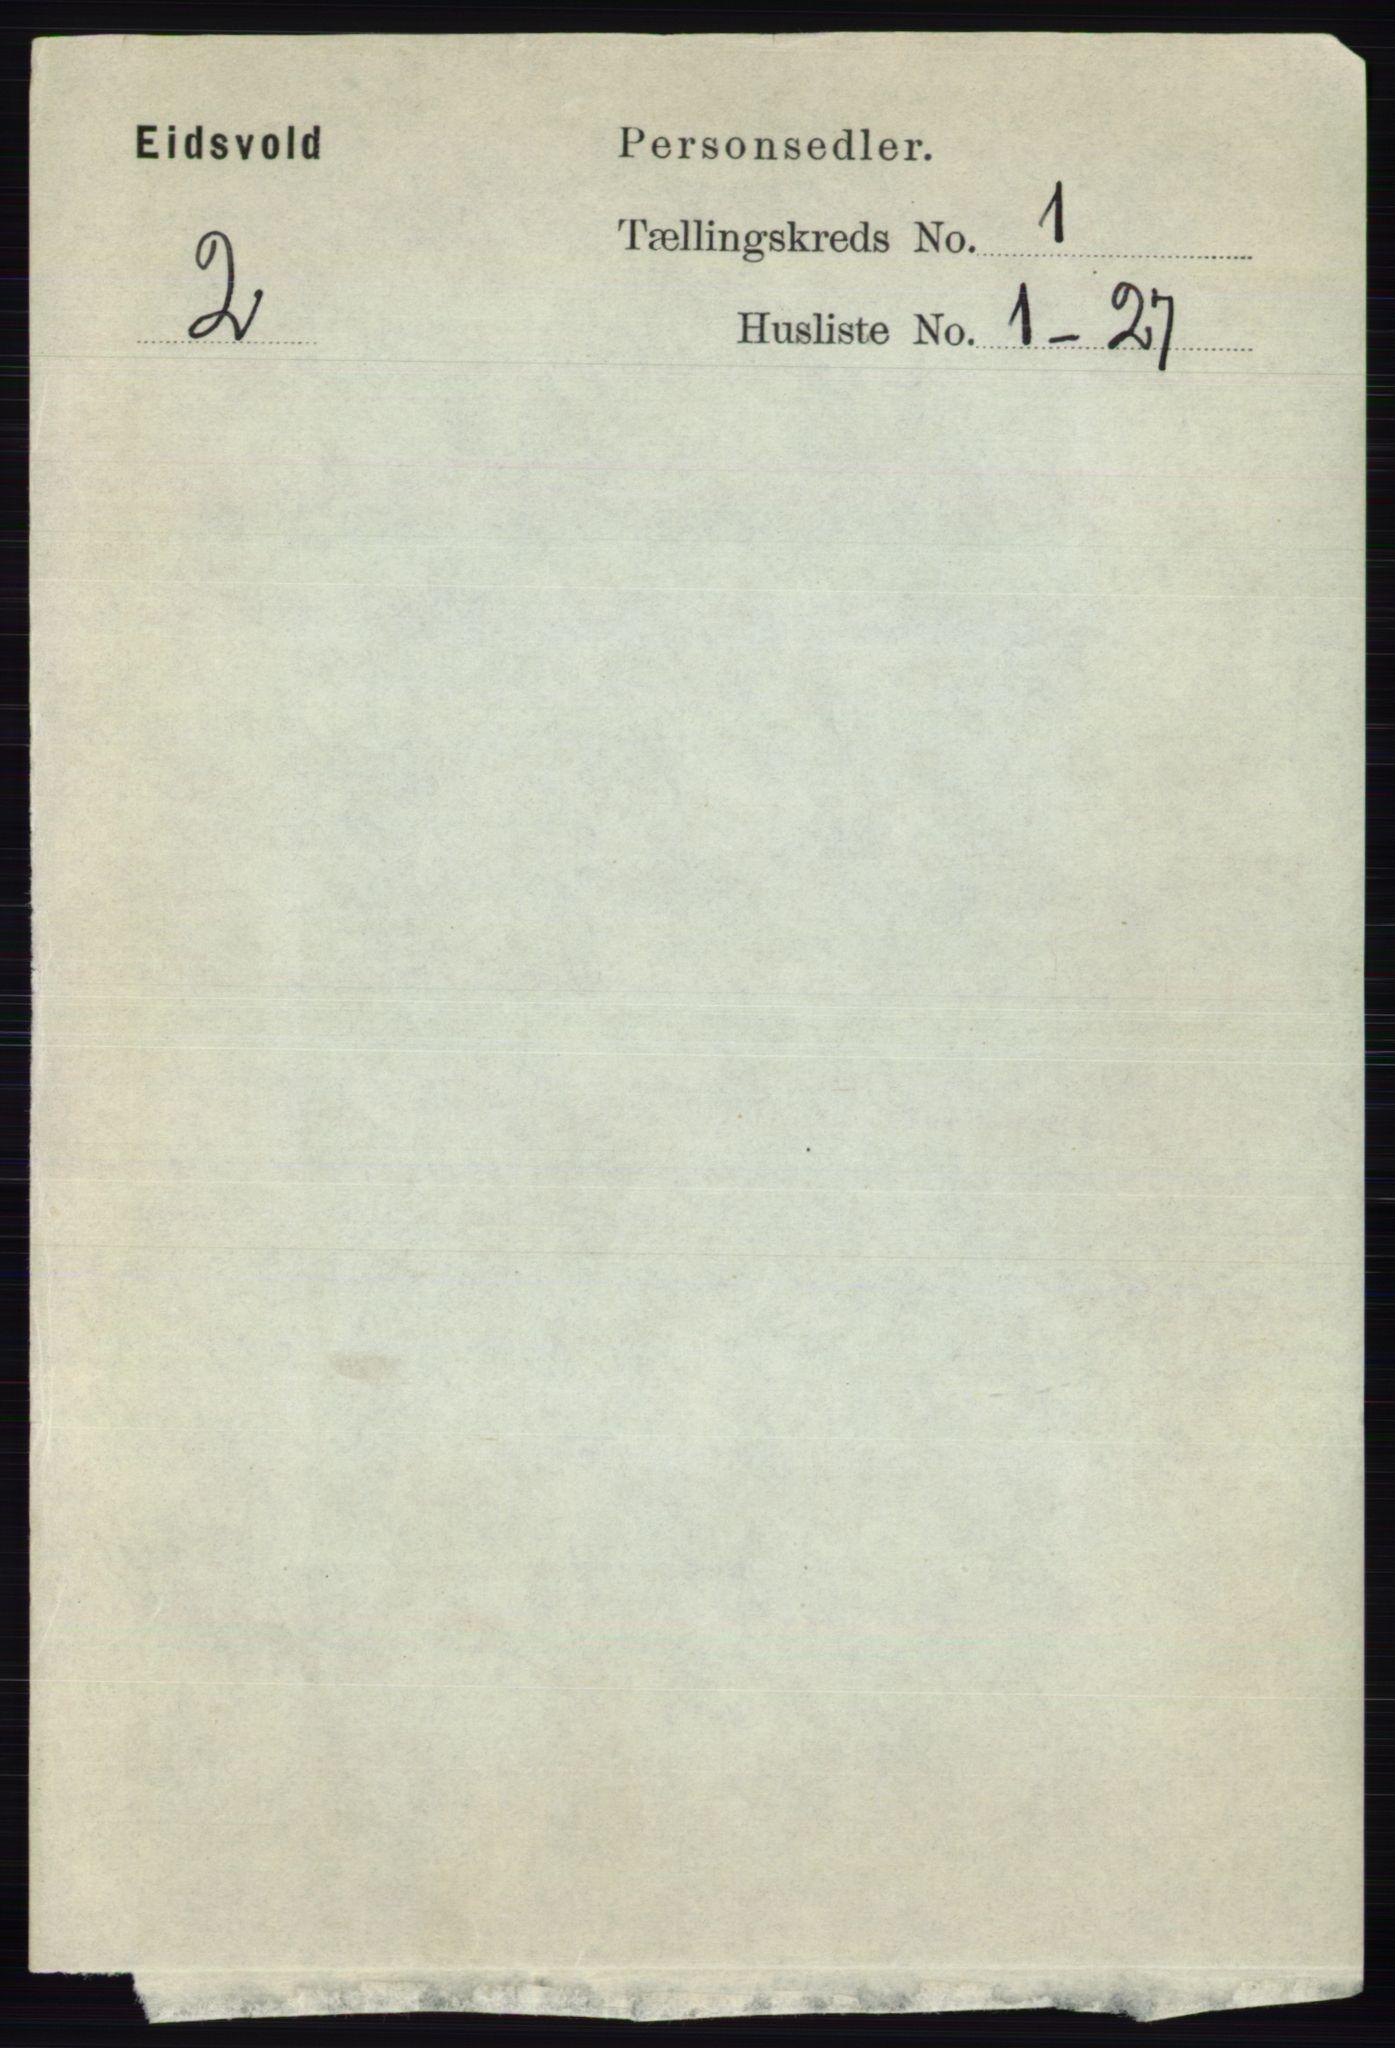 RA, Folketelling 1891 for 0237 Eidsvoll herred, 1891, s. 195